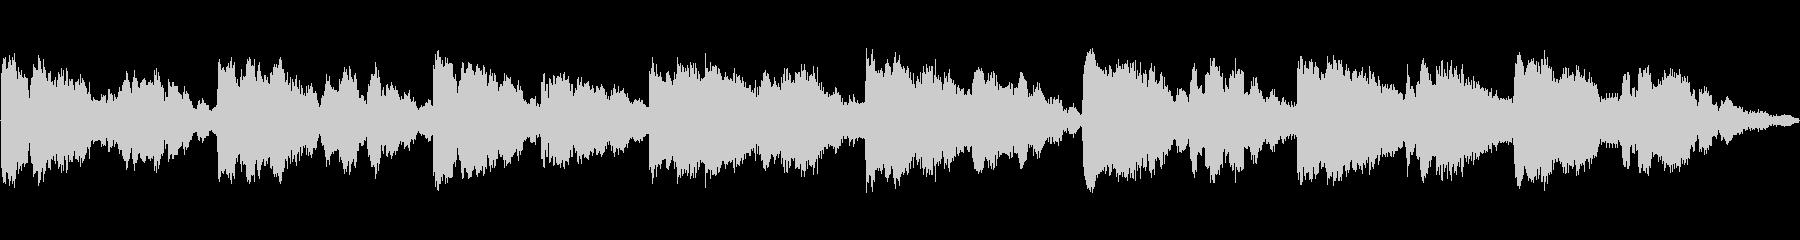 不協和音的な響き、チャイムの未再生の波形